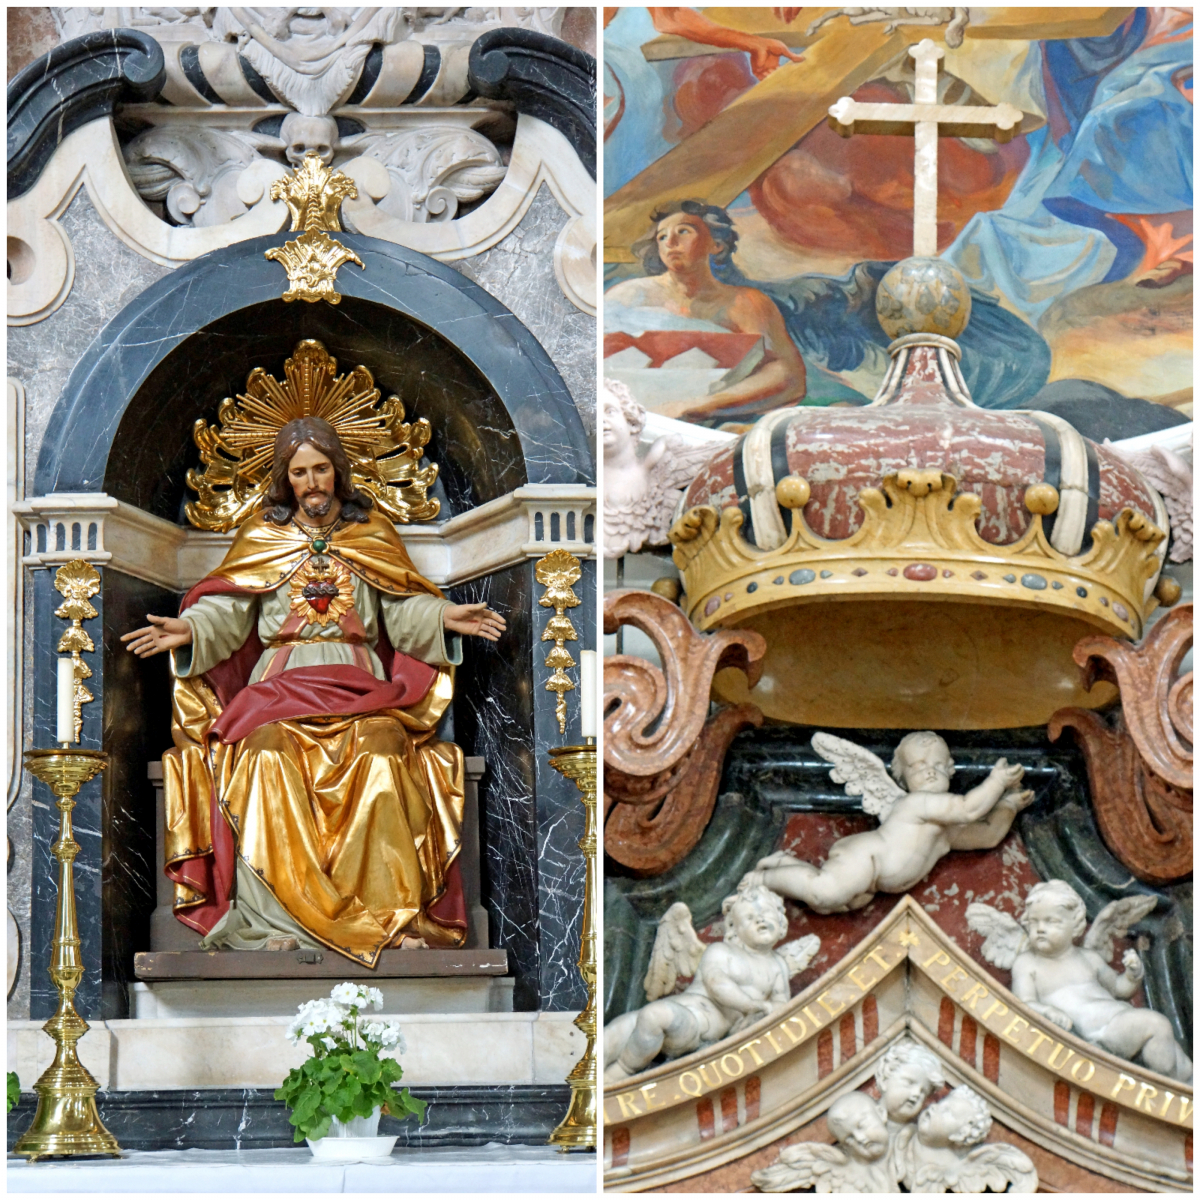 Кафедральный собор св. Иакова